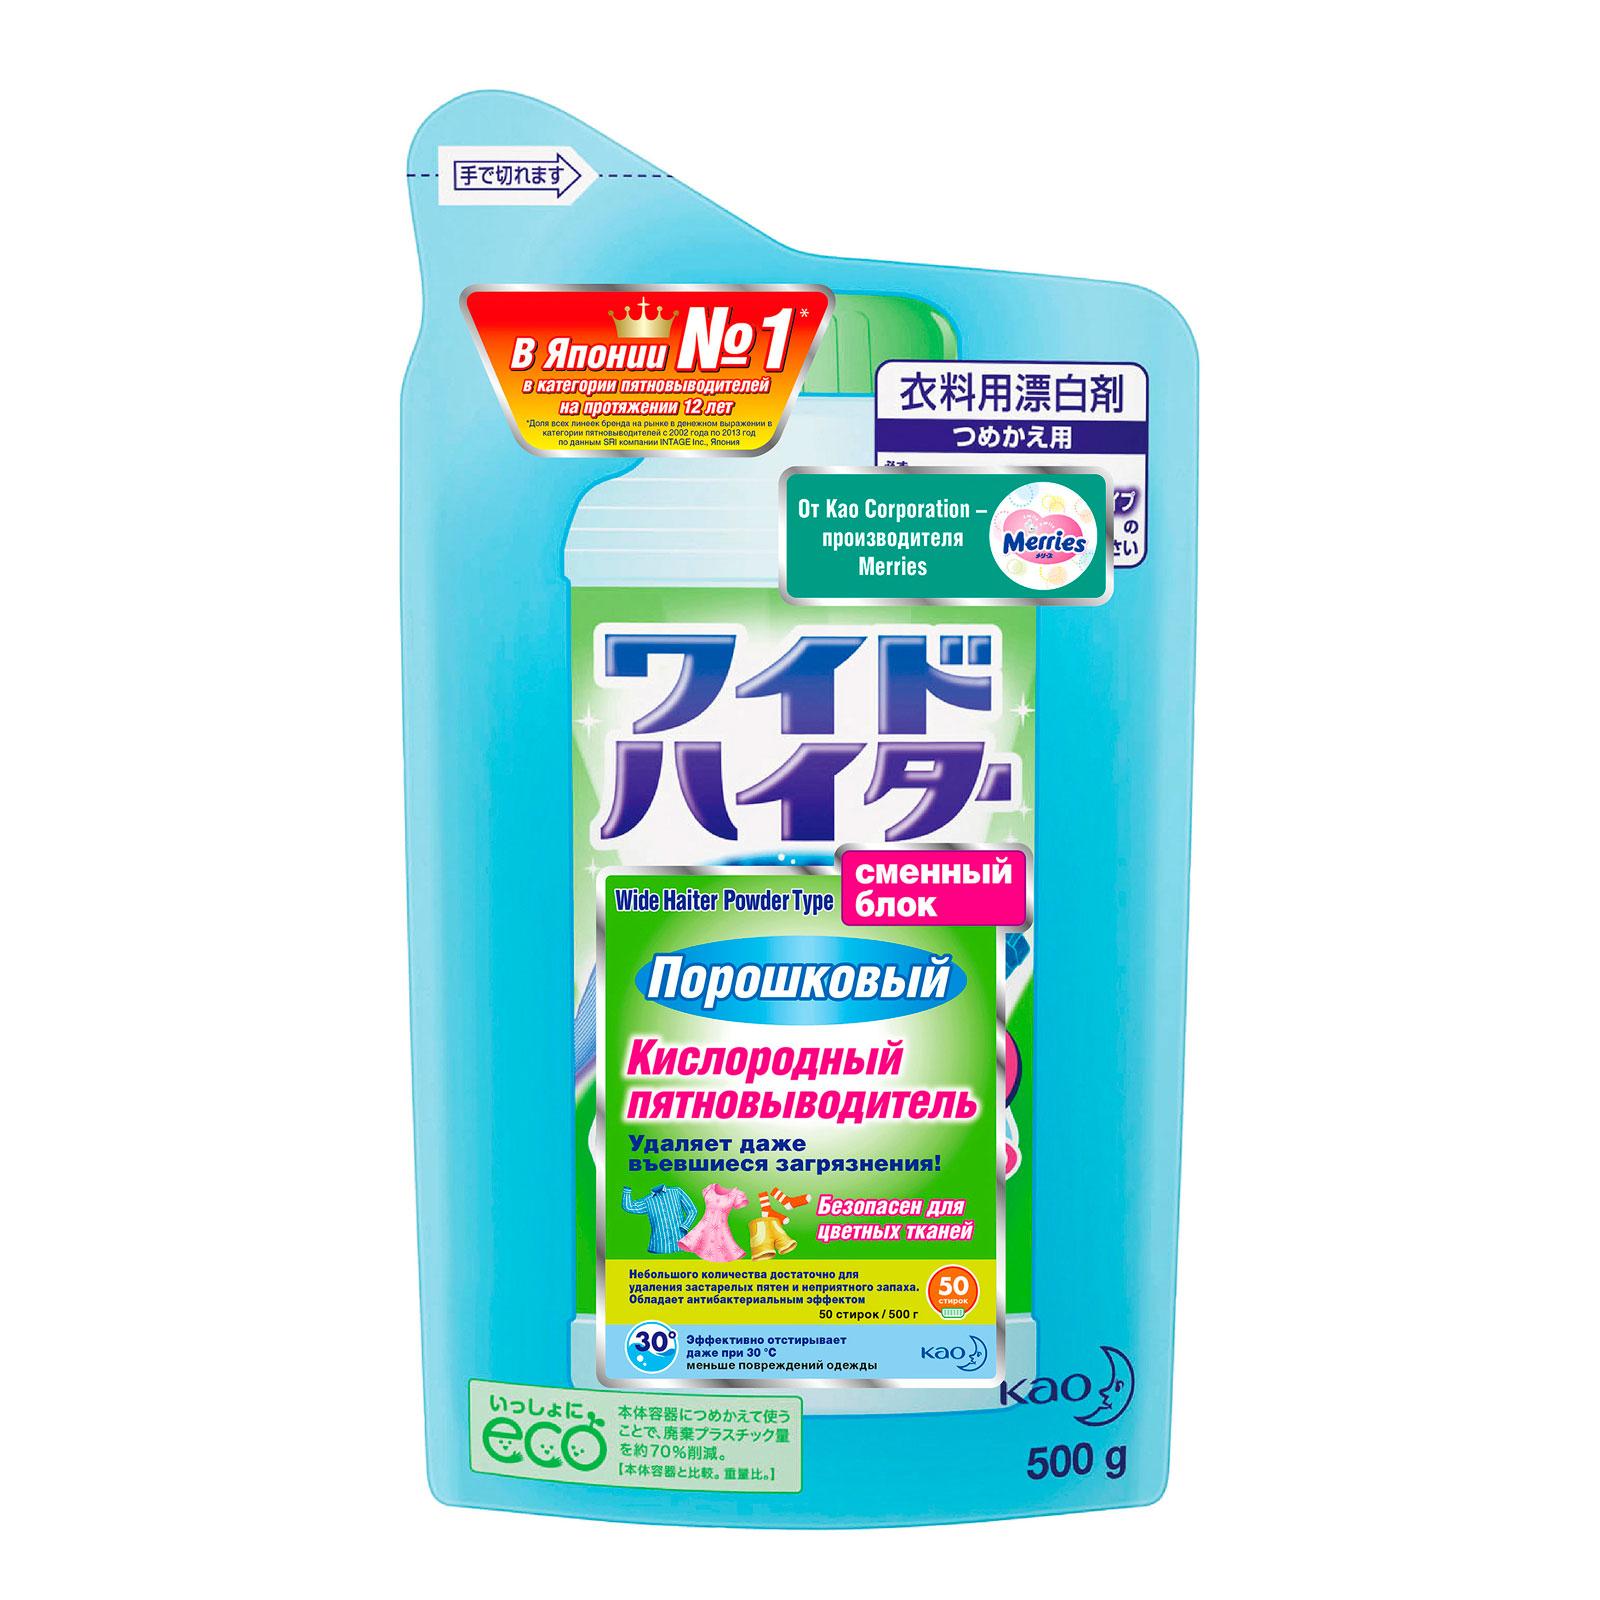 Пятновыводитель KAO ATTACK WIDE HAITER порошковый Powder Type сменный блок 500 г<br>